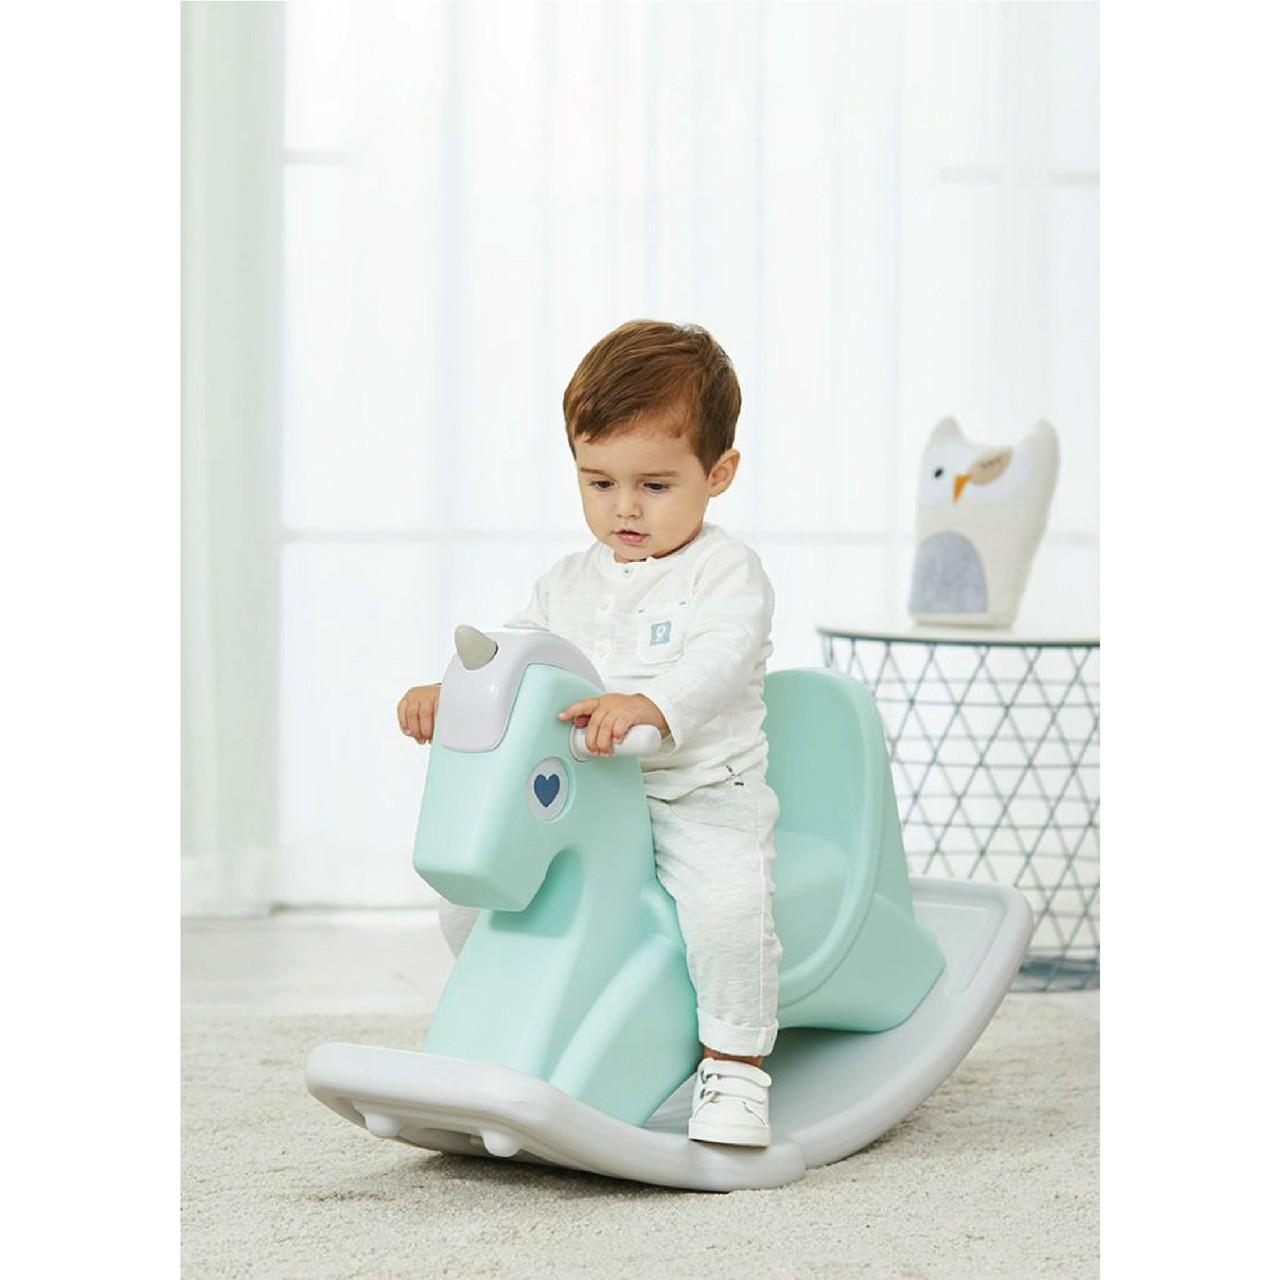 Ngựa bập bênh Holla 2 tính năng bập bênh và làm xe chòi chân cho bé